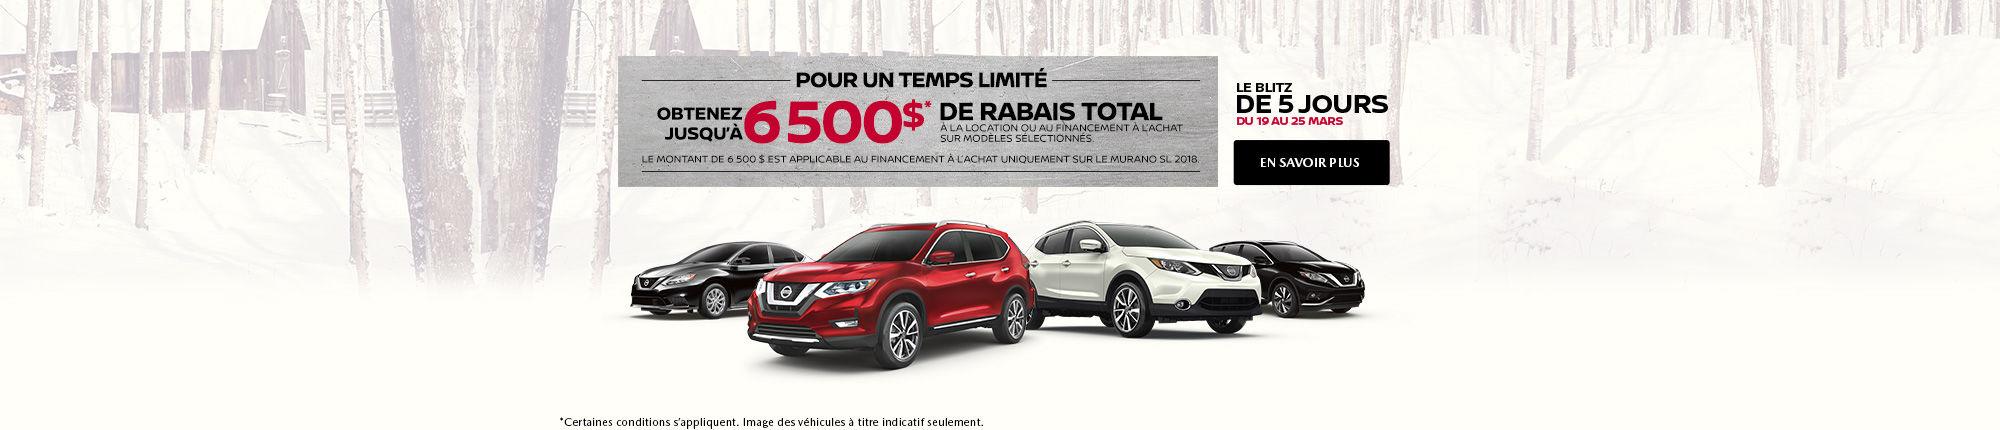 La vente 5 jours de Nissan